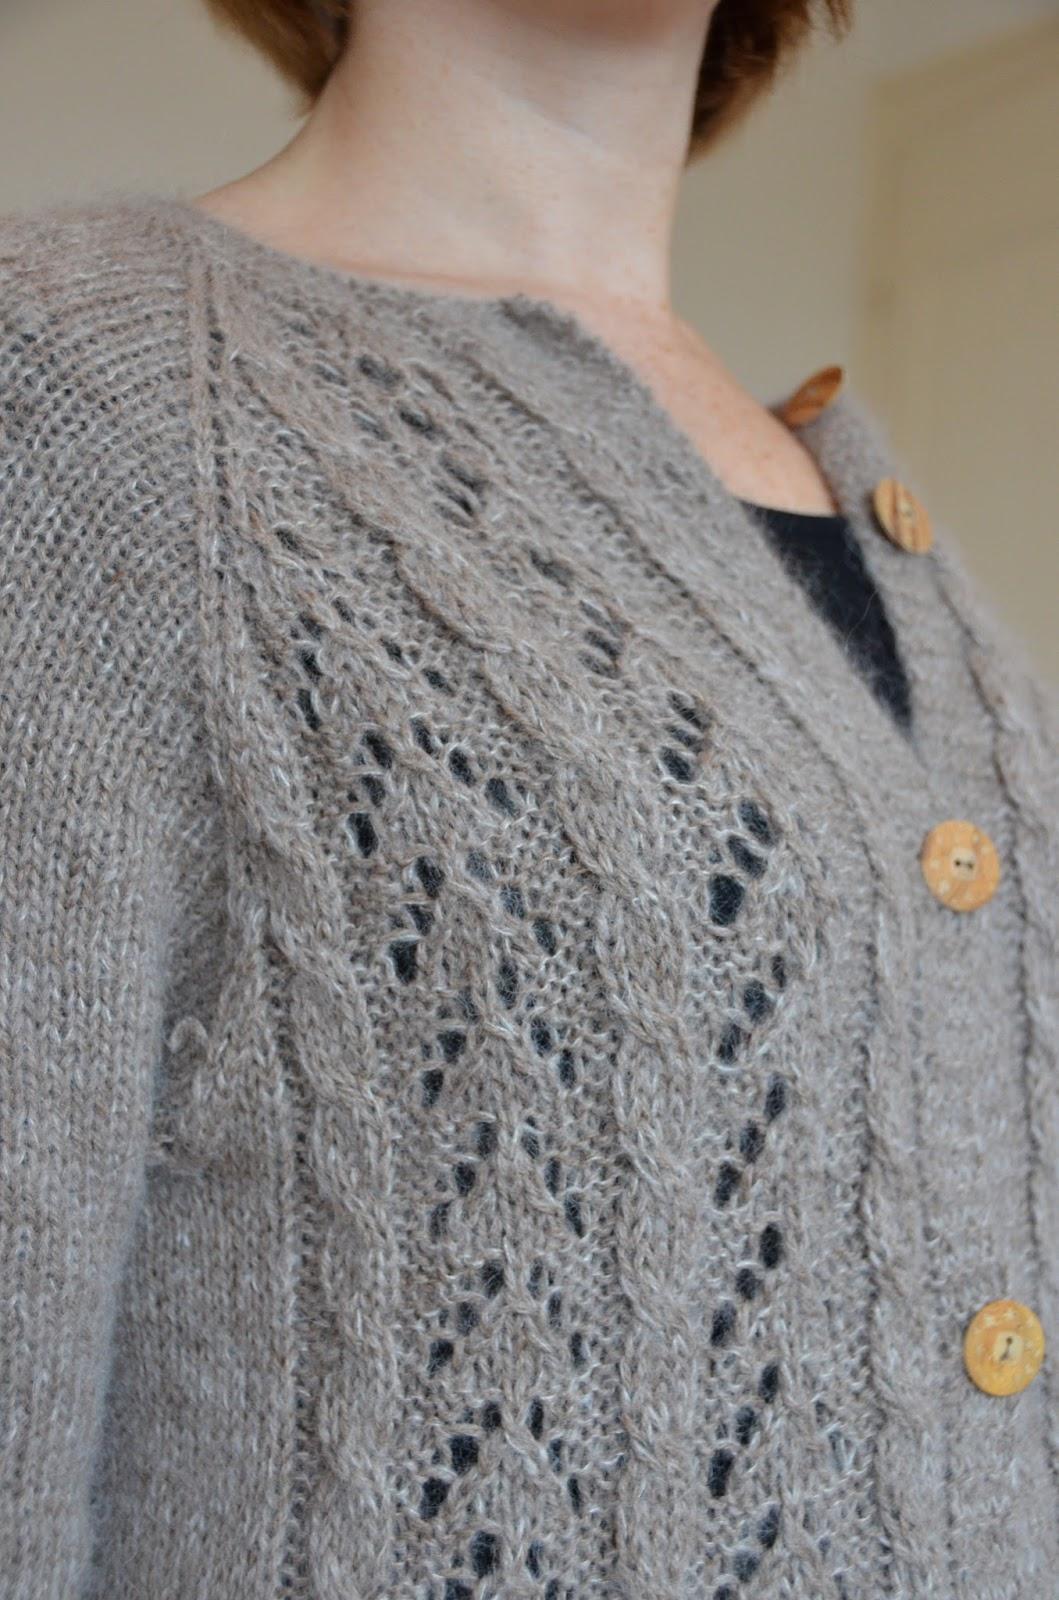 Une vie des envies tricot 5 gilet blue for you drops 158 4 - Tricot aiguilles circulaires magic loop ...